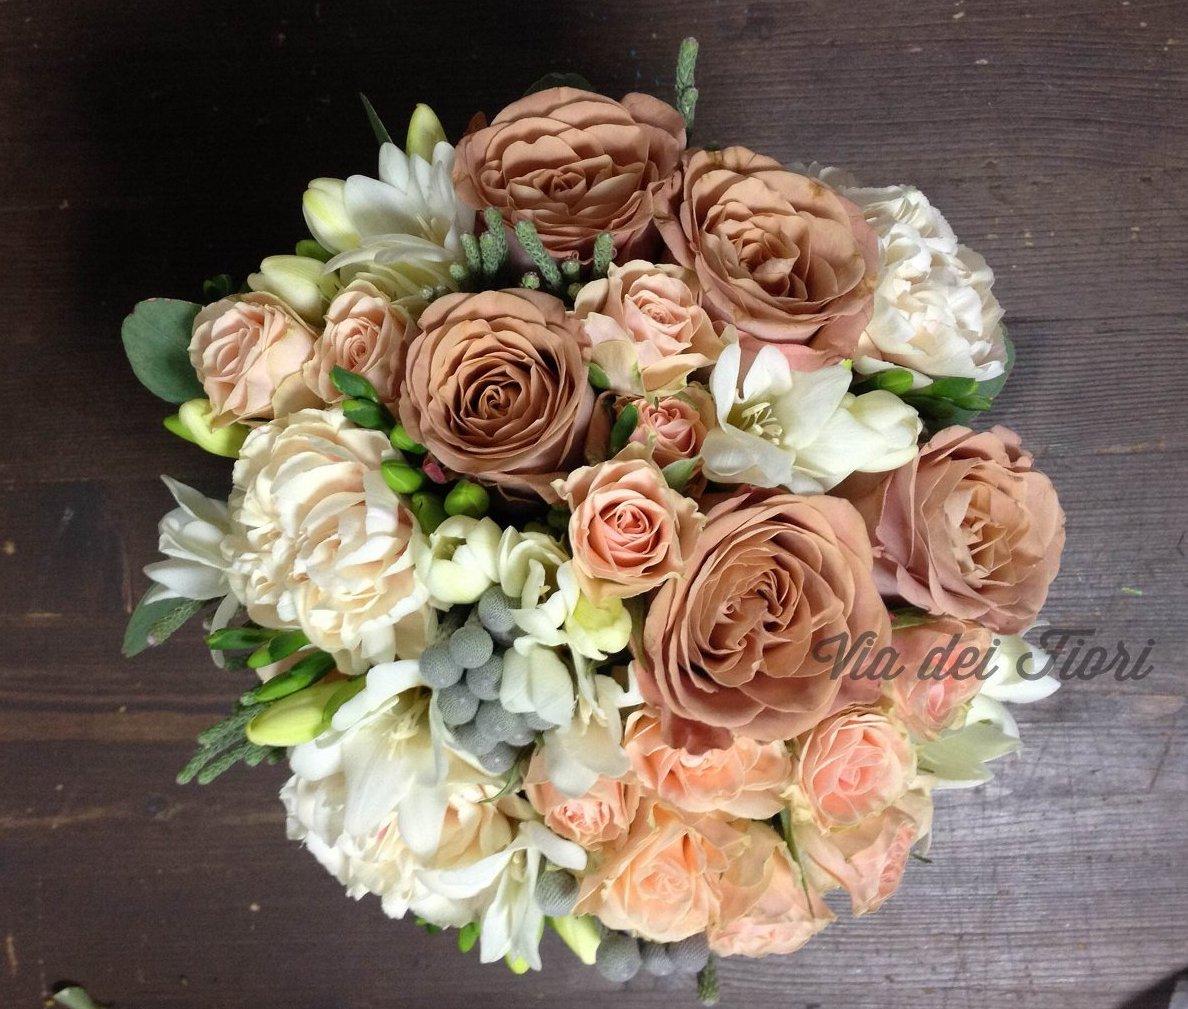 Sales flowers